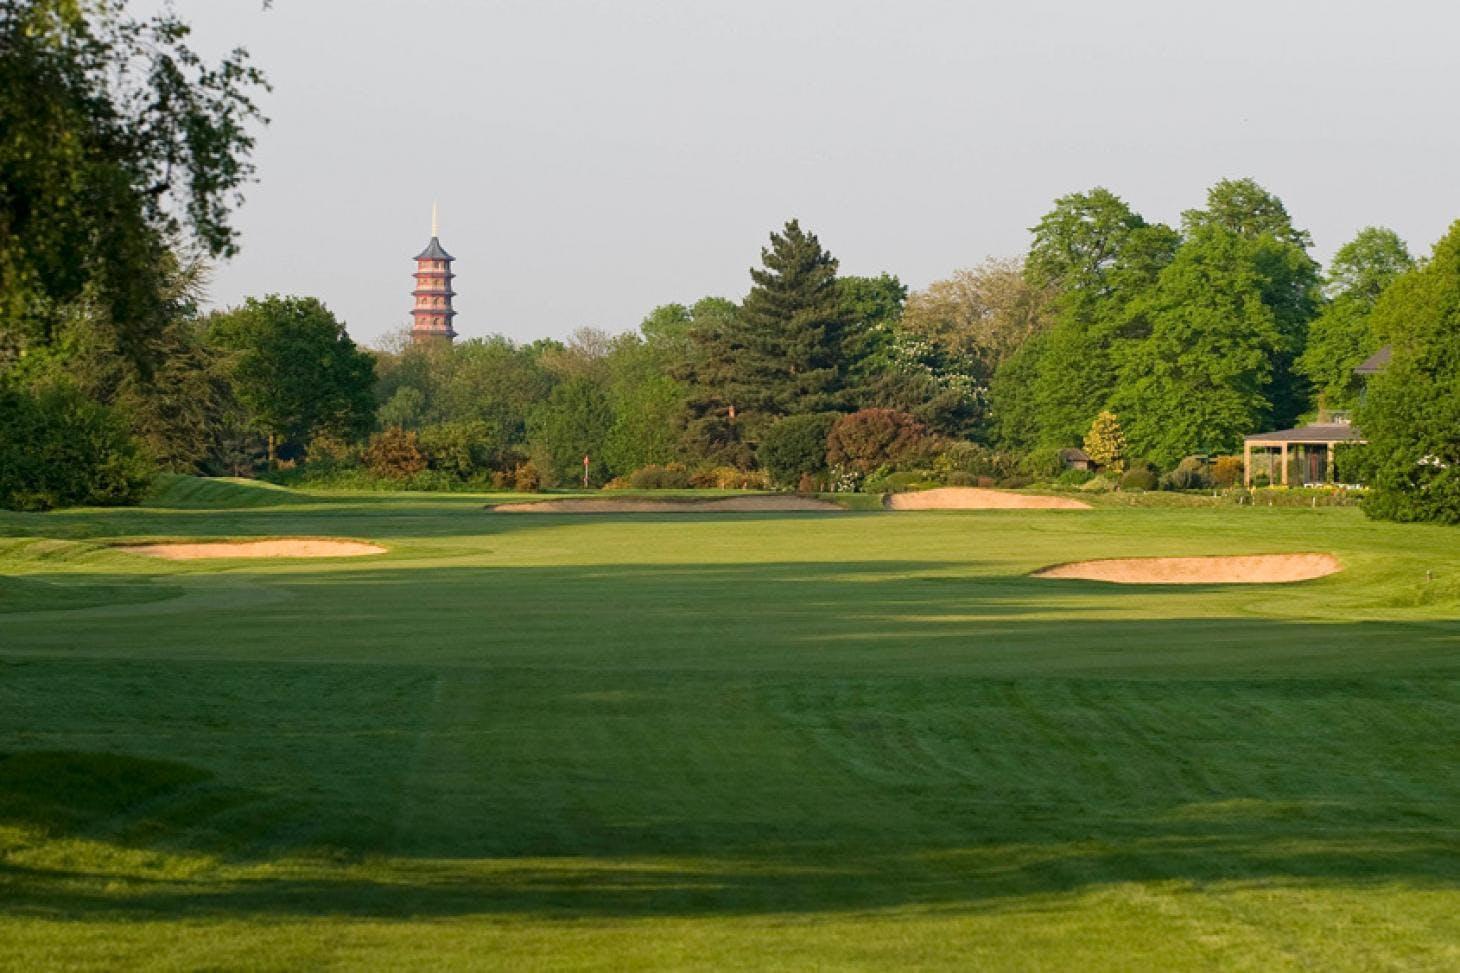 Royal Mid-Surrey Golf Club 18 hole golf course